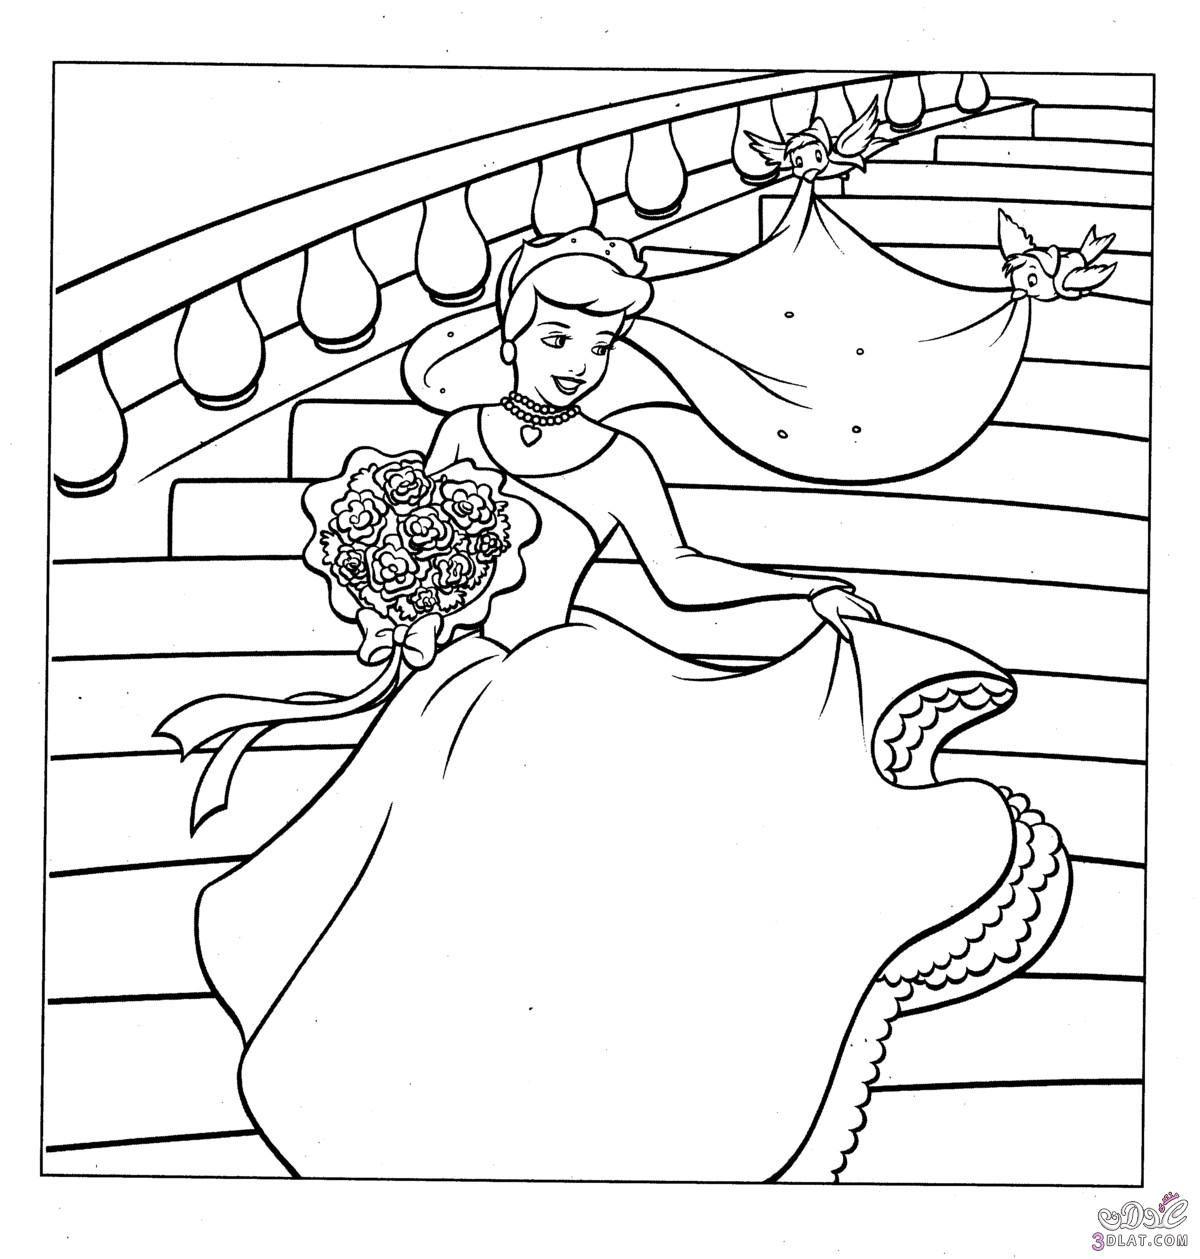 صور تلوين للاطفال صور اميرات للتلوين صورتلوين 2014 Wedding Coloring Pages Cinderella Coloring Pages Disney Princess Coloring Pages